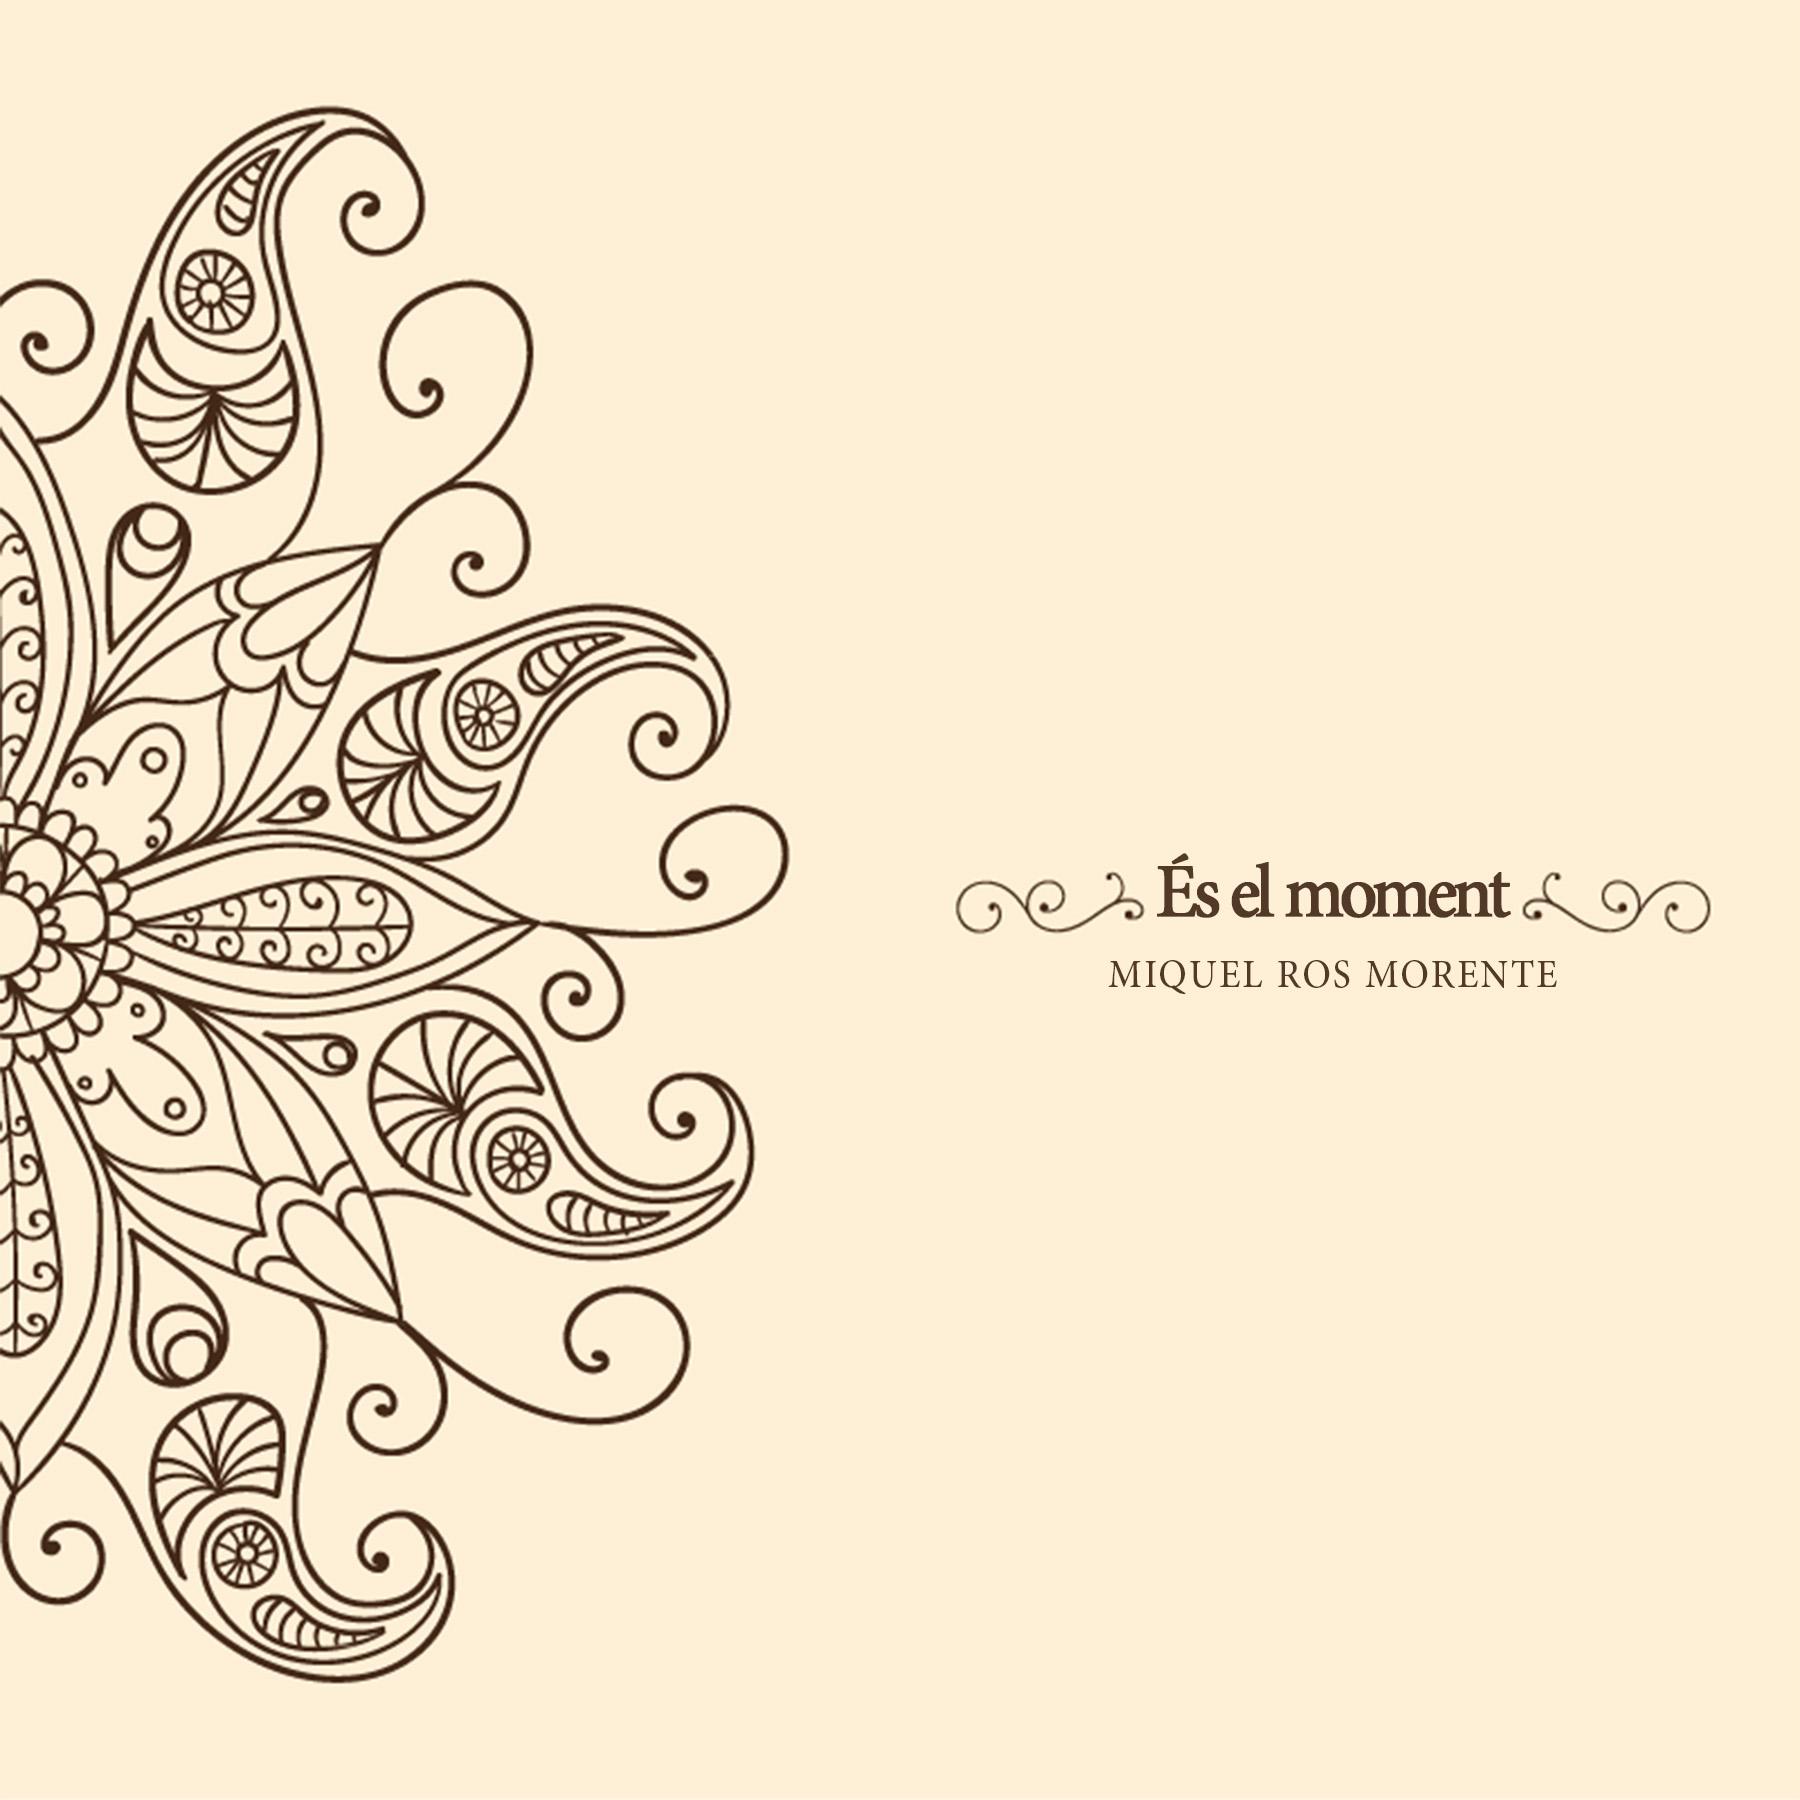 Caratula - És el moment